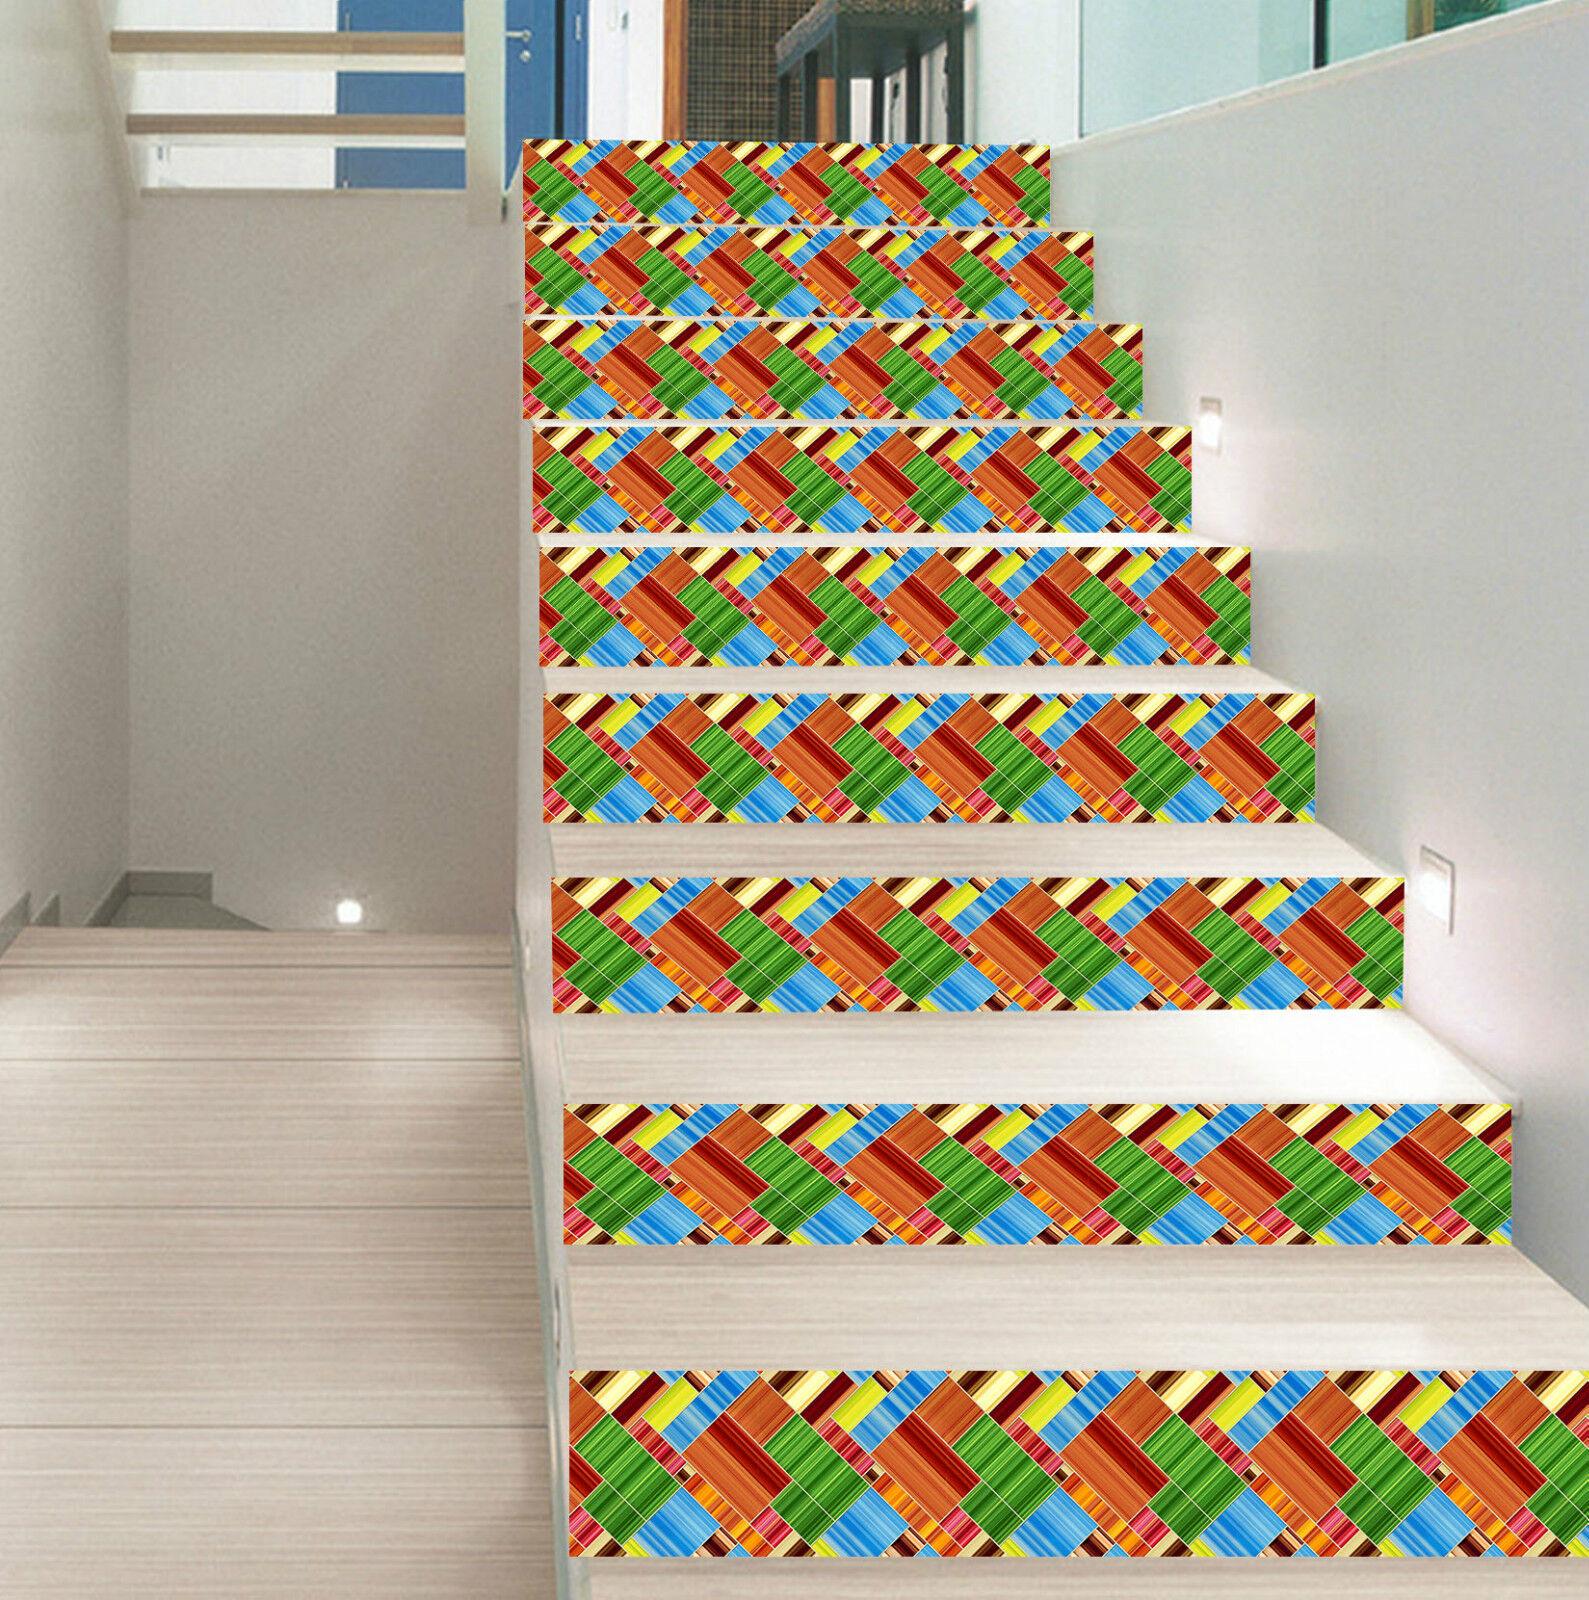 3D Farbige 623 Stair Riser Dekoration Fototapete Vinyl Aufkleber Tapete DE Lemon